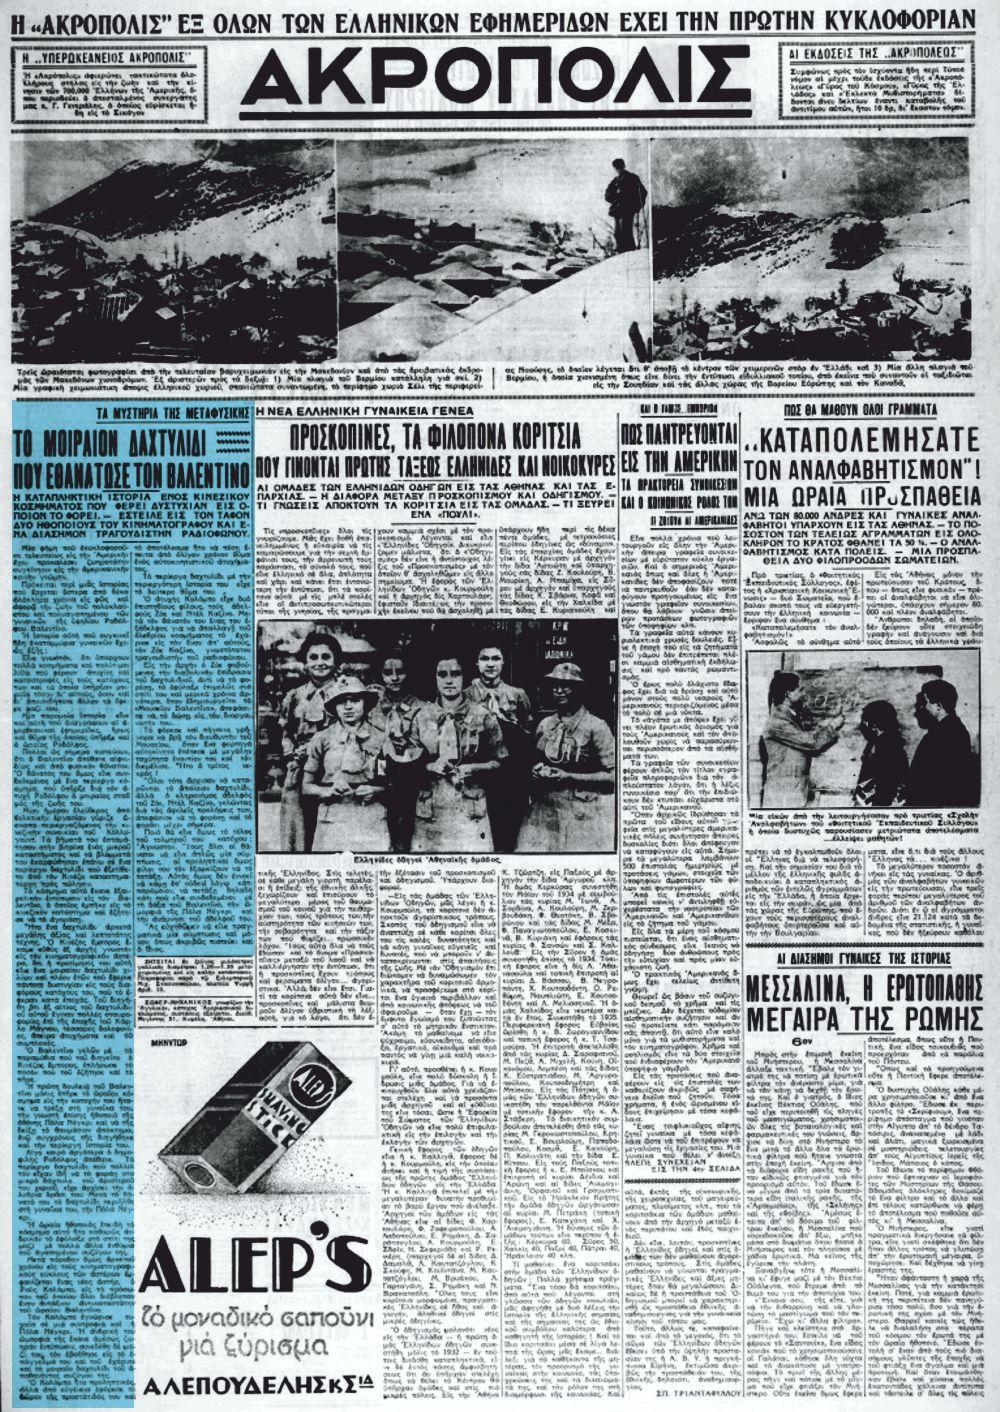 """Το άρθρο, όπως δημοσιεύθηκε στην εφημερίδα """"ΑΚΡΟΠΟΛΙΣ"""", στις 22/01/1937"""